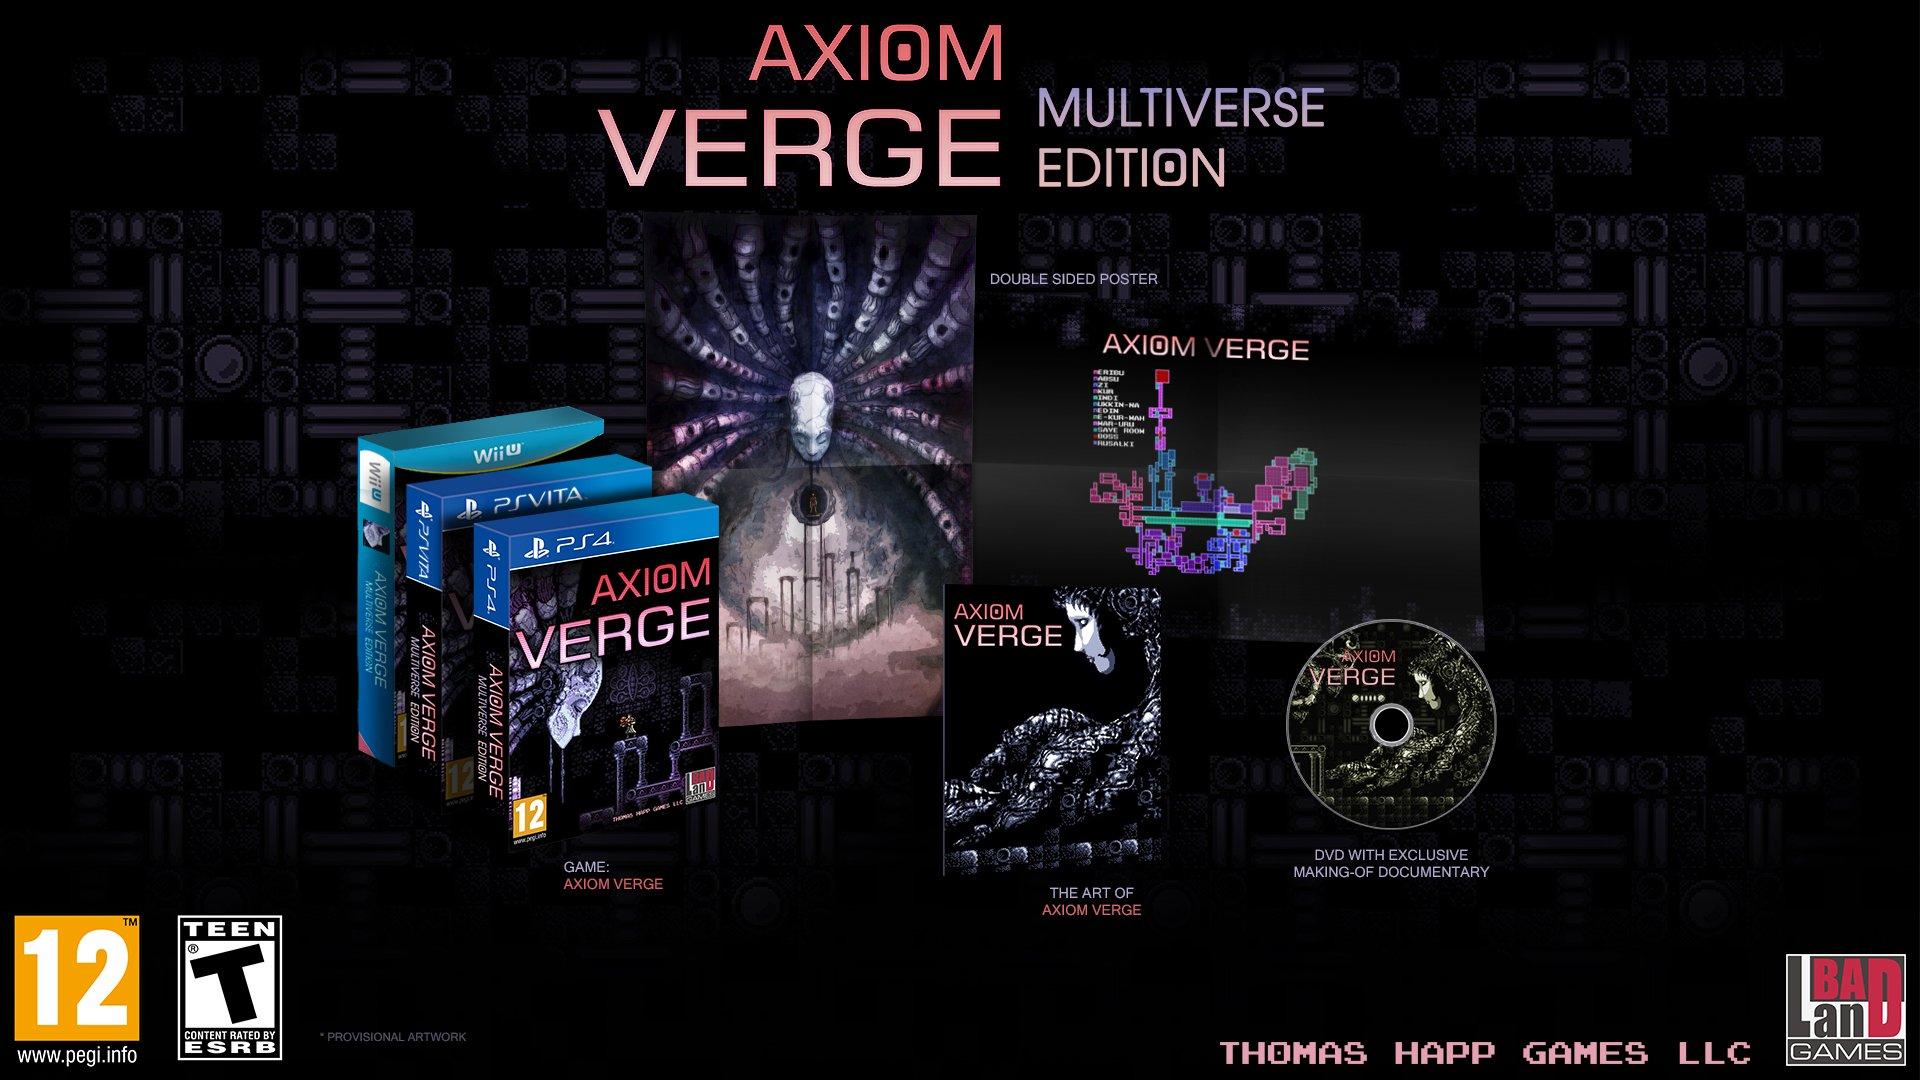 بازی Axiom Verge برای نینتندو سوییچ نیز به صورت فیزیکی عرضه خواهد شد